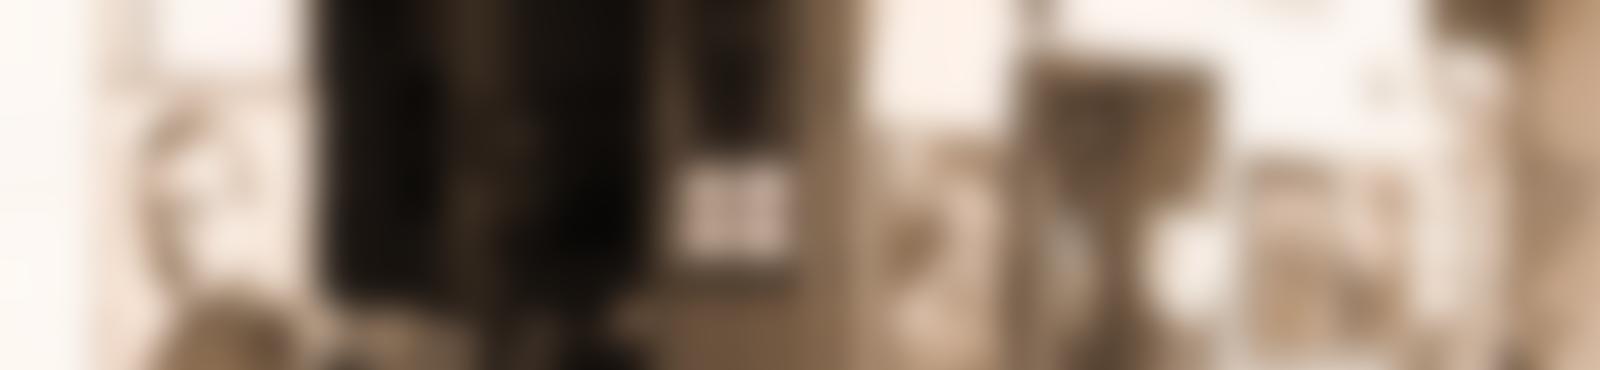 Blurred dc514dbd 19e0 4e7a 8914 fac73ce58ed1